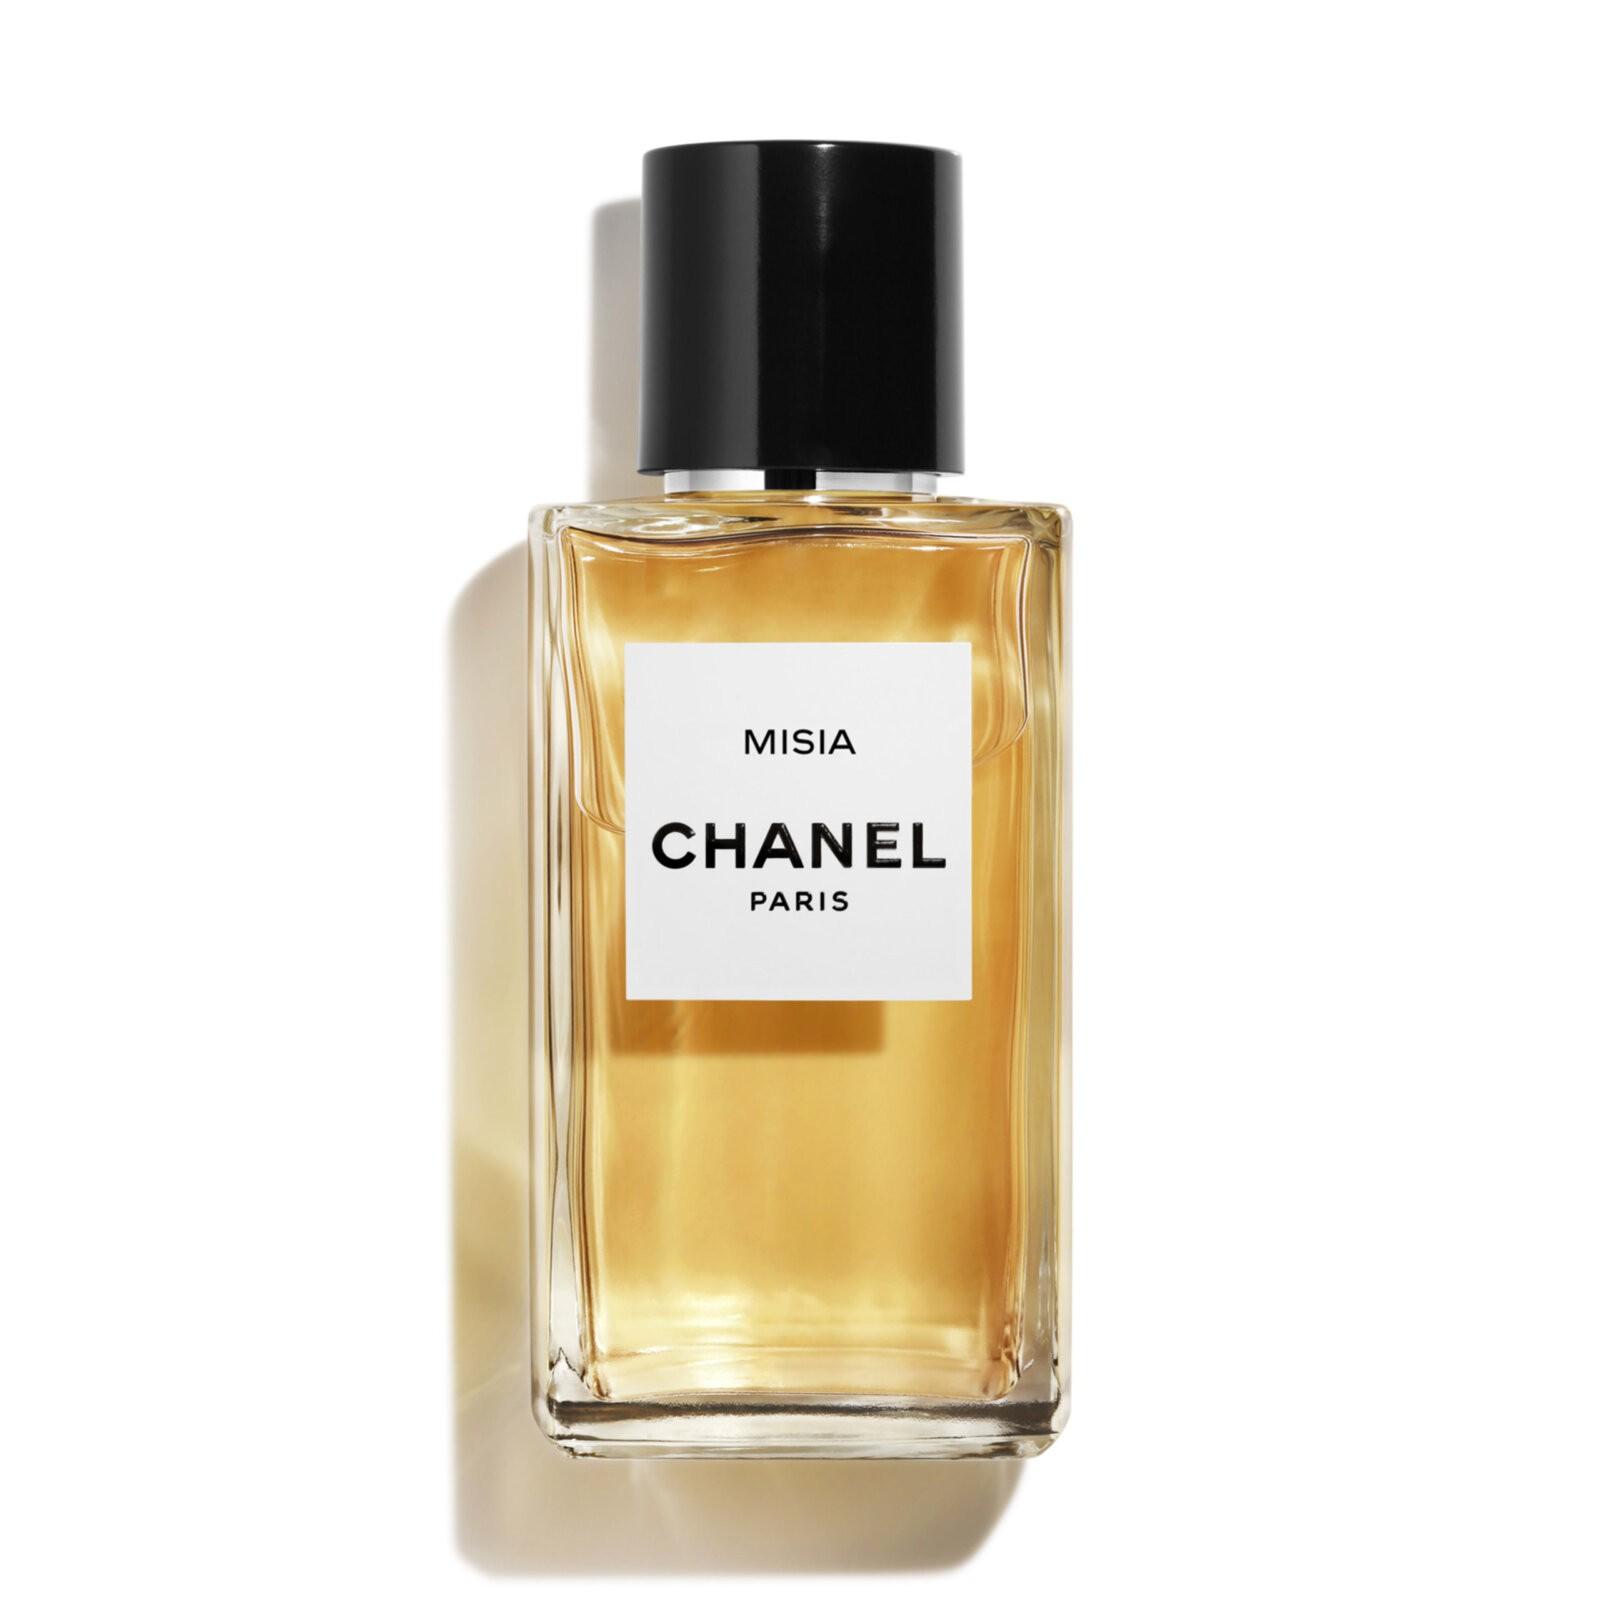 Les Exclusifs De Chanel  - olfaktoryczna opowieść o życiu Coco Chanel